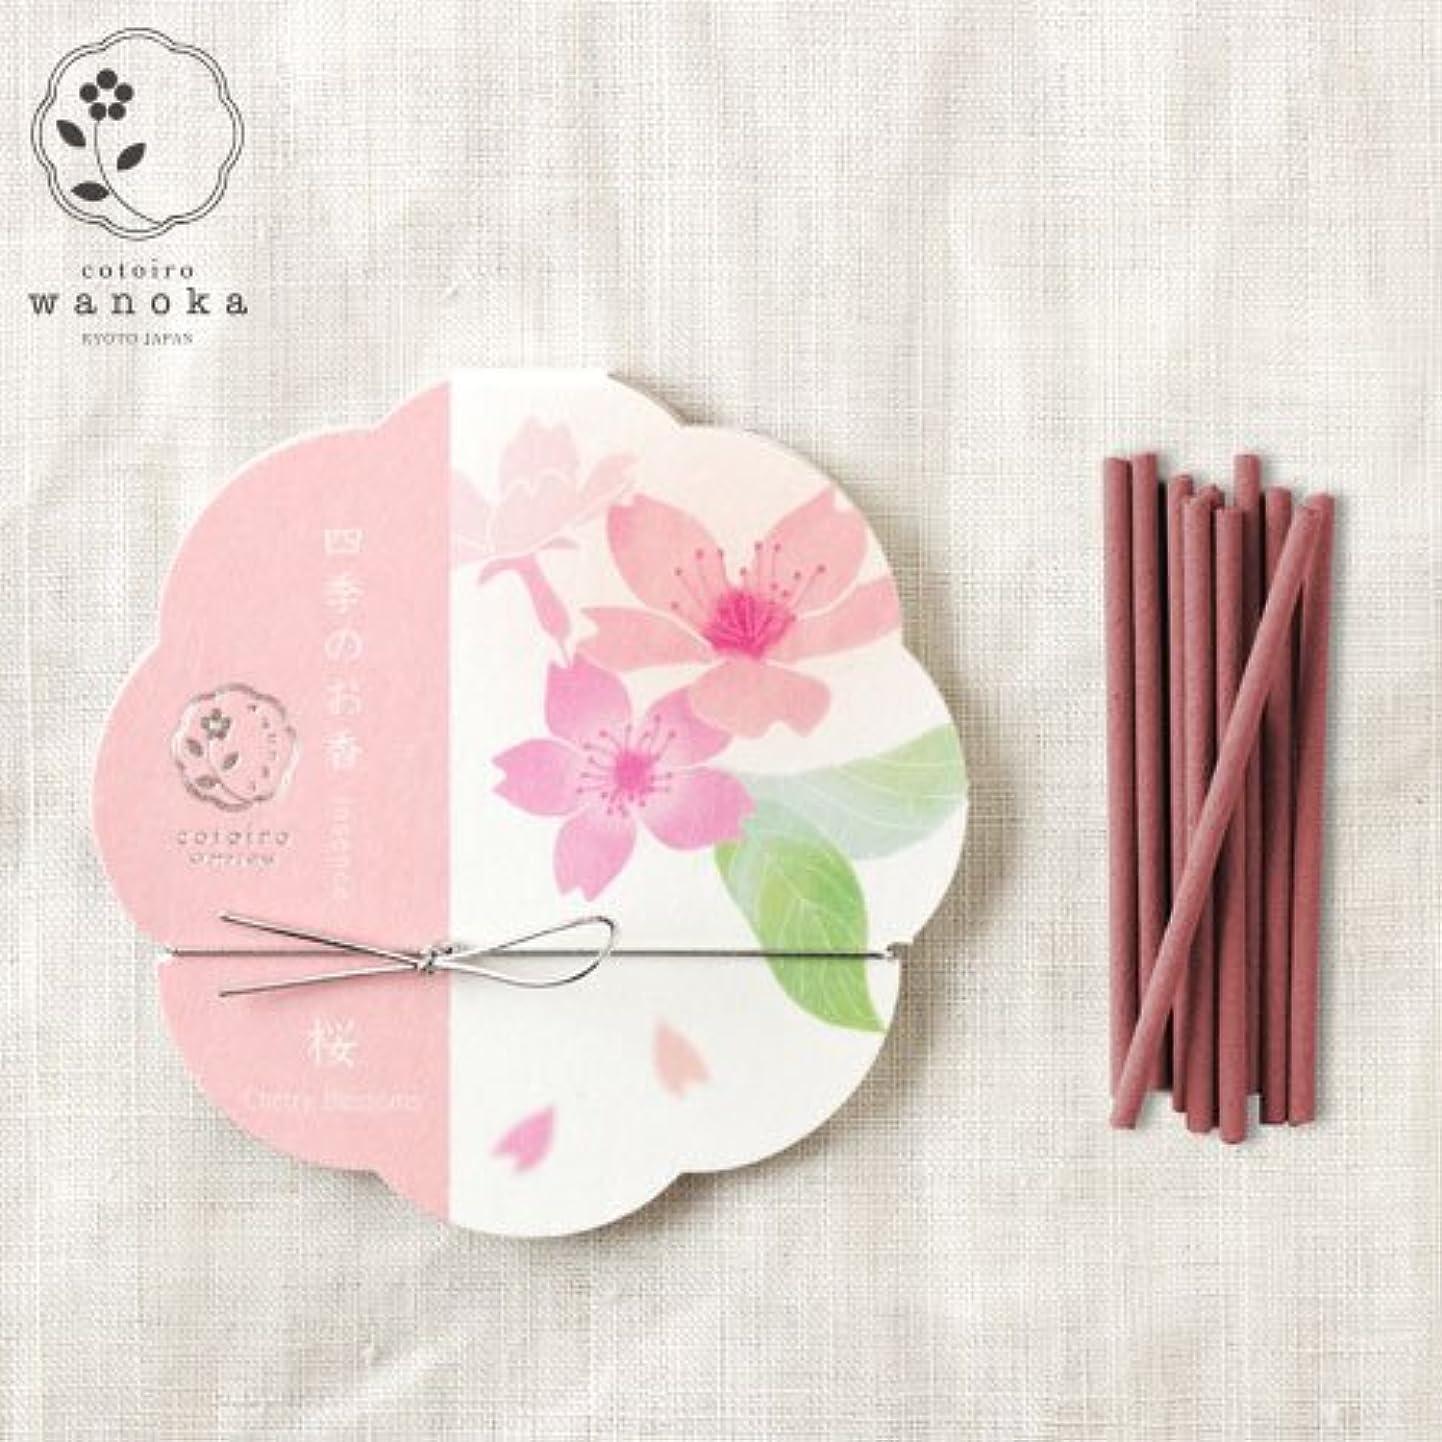 国家エミュレーションアルバムwanoka四季のお香(インセンス)桜《桜をイメージした甘い香り》ART LABIncense stick